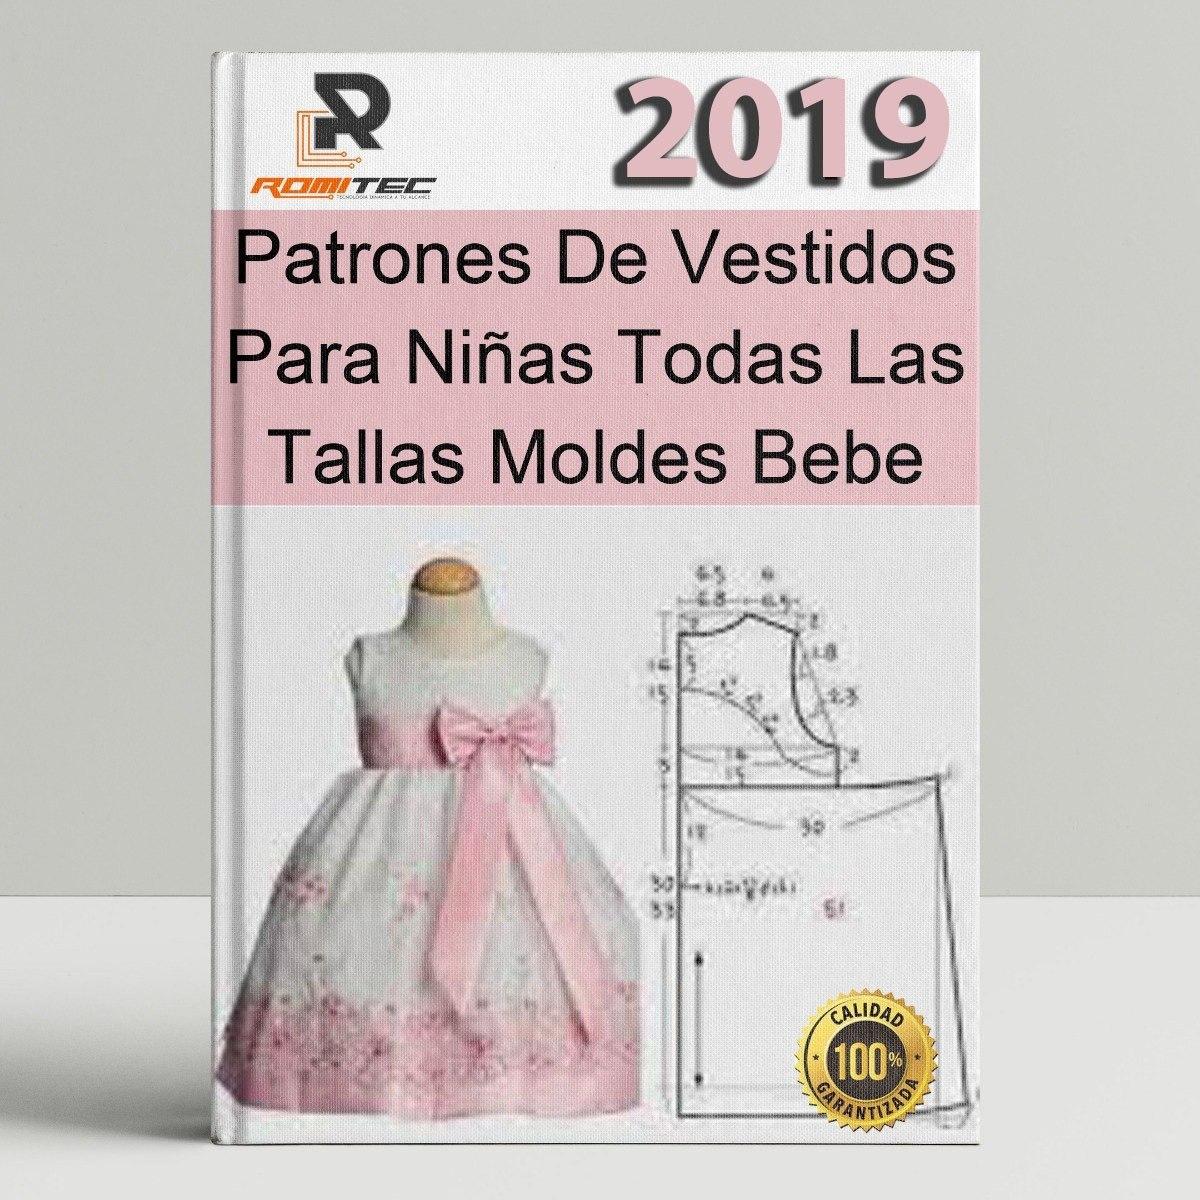 Patrones De Vestidos Para Niñas Todas Las Tallas Moldes Bebe - $ 50 ...